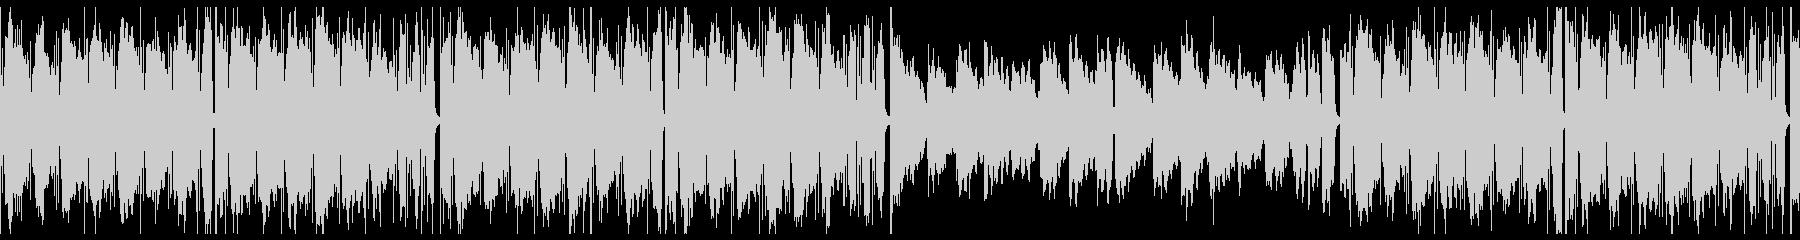 ループ/夜更かしlo-fi曲002の未再生の波形